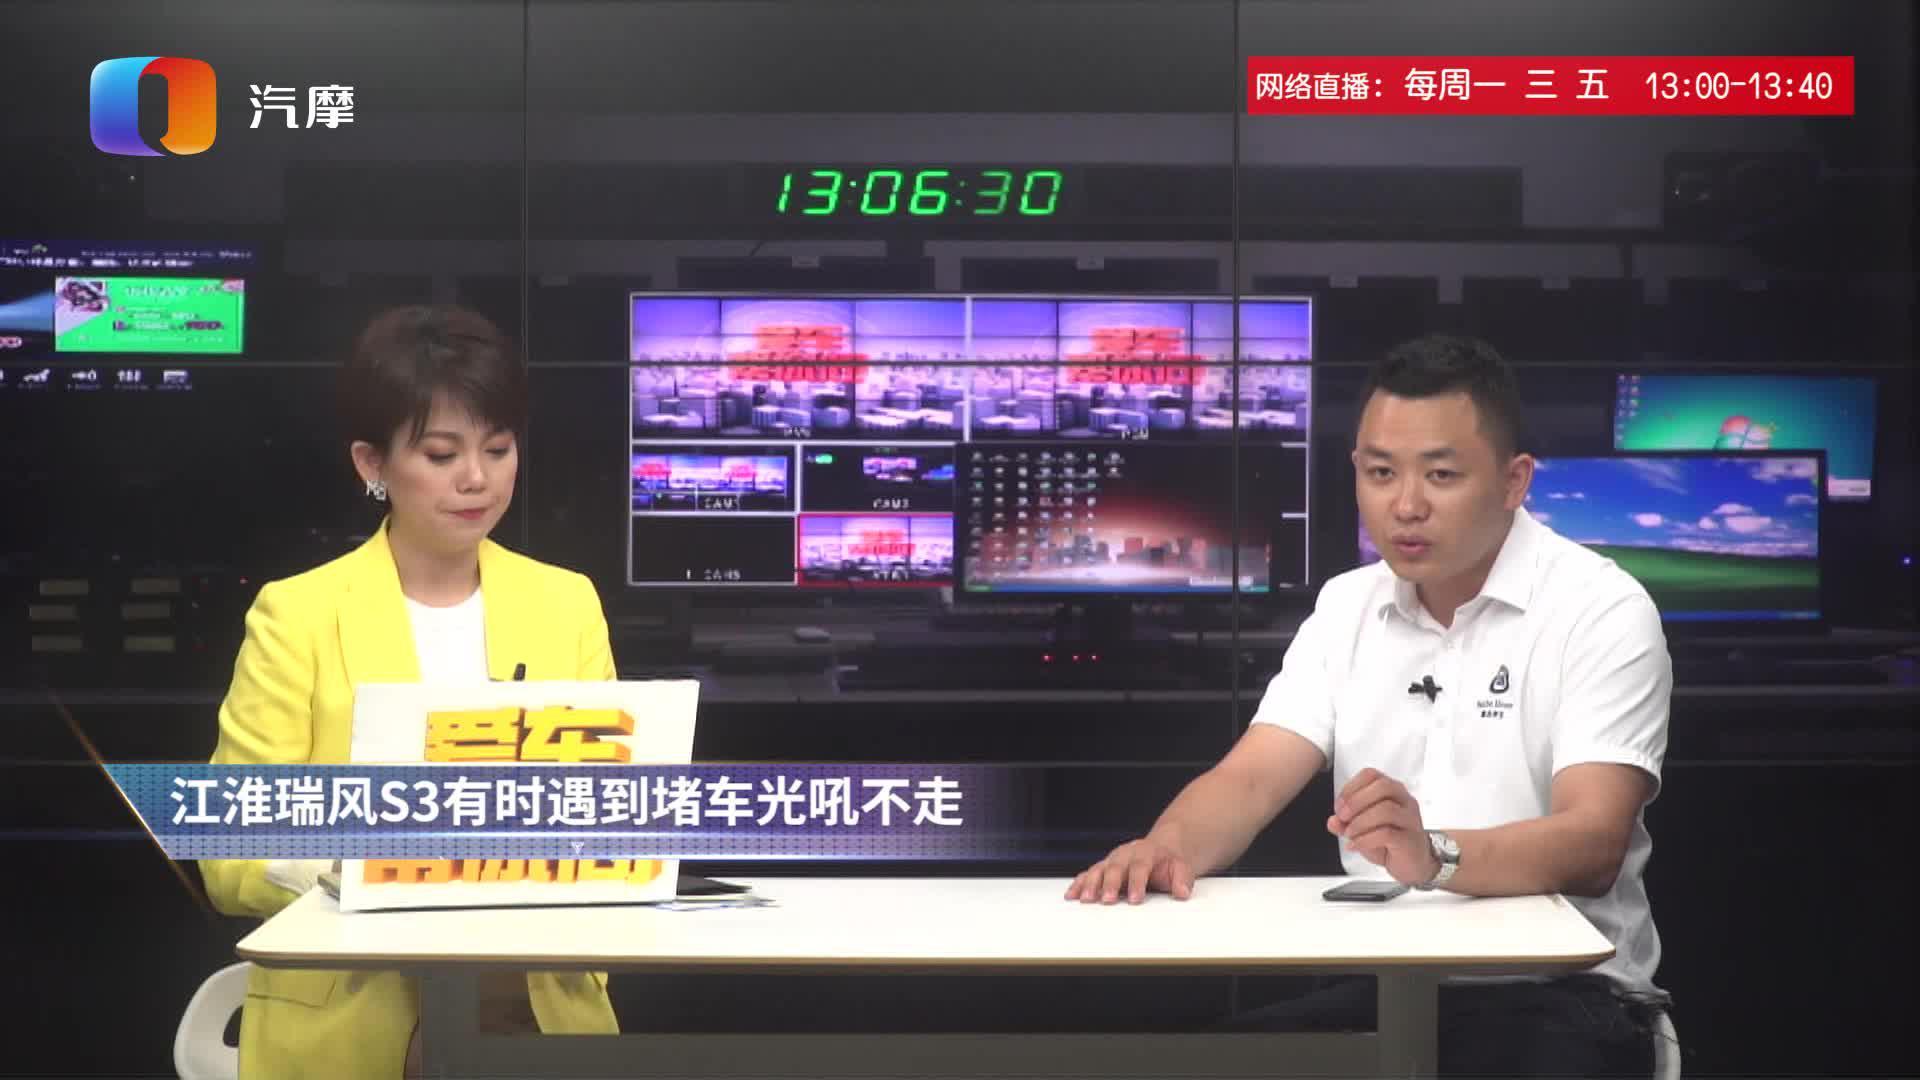 视频:瑞风S3有时遇到堵车光吼不走怎么办?